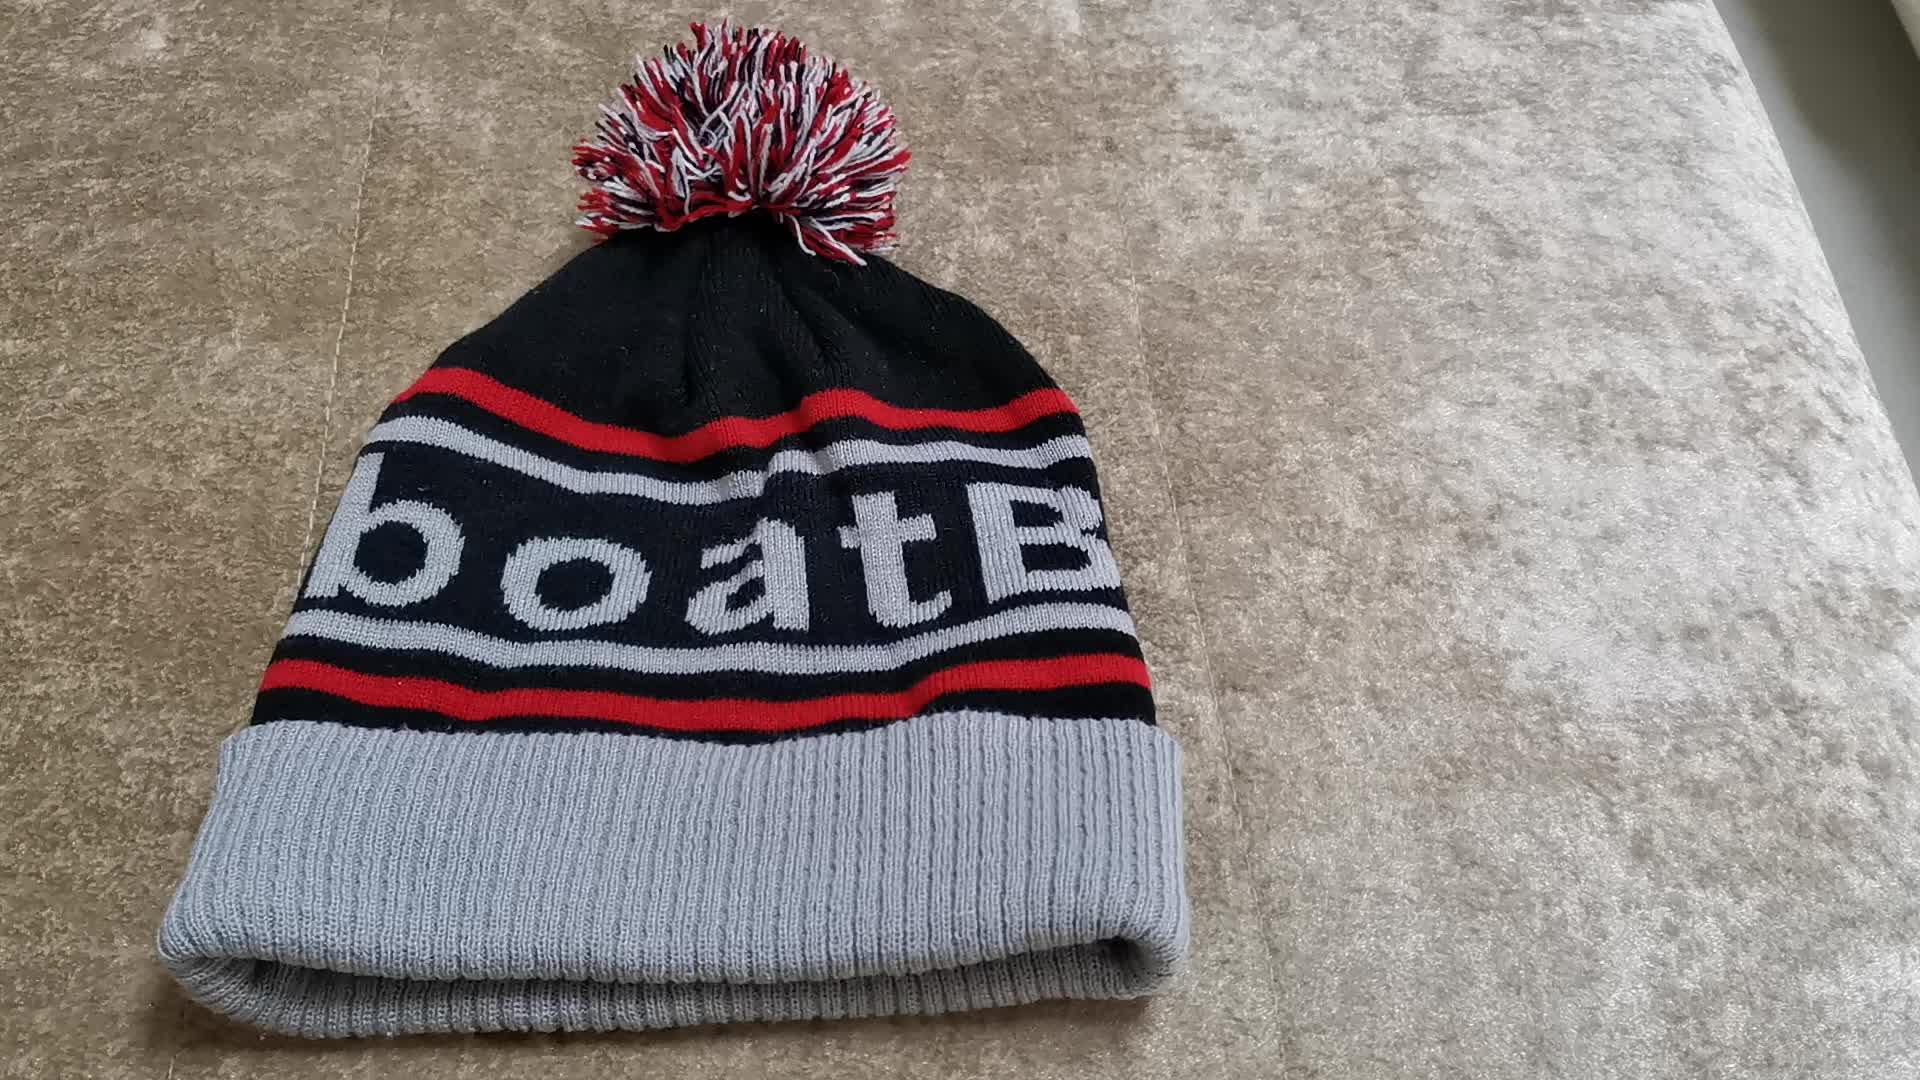 Custom Nieuwe sublimatie mutsen over gedrukt winter hoed